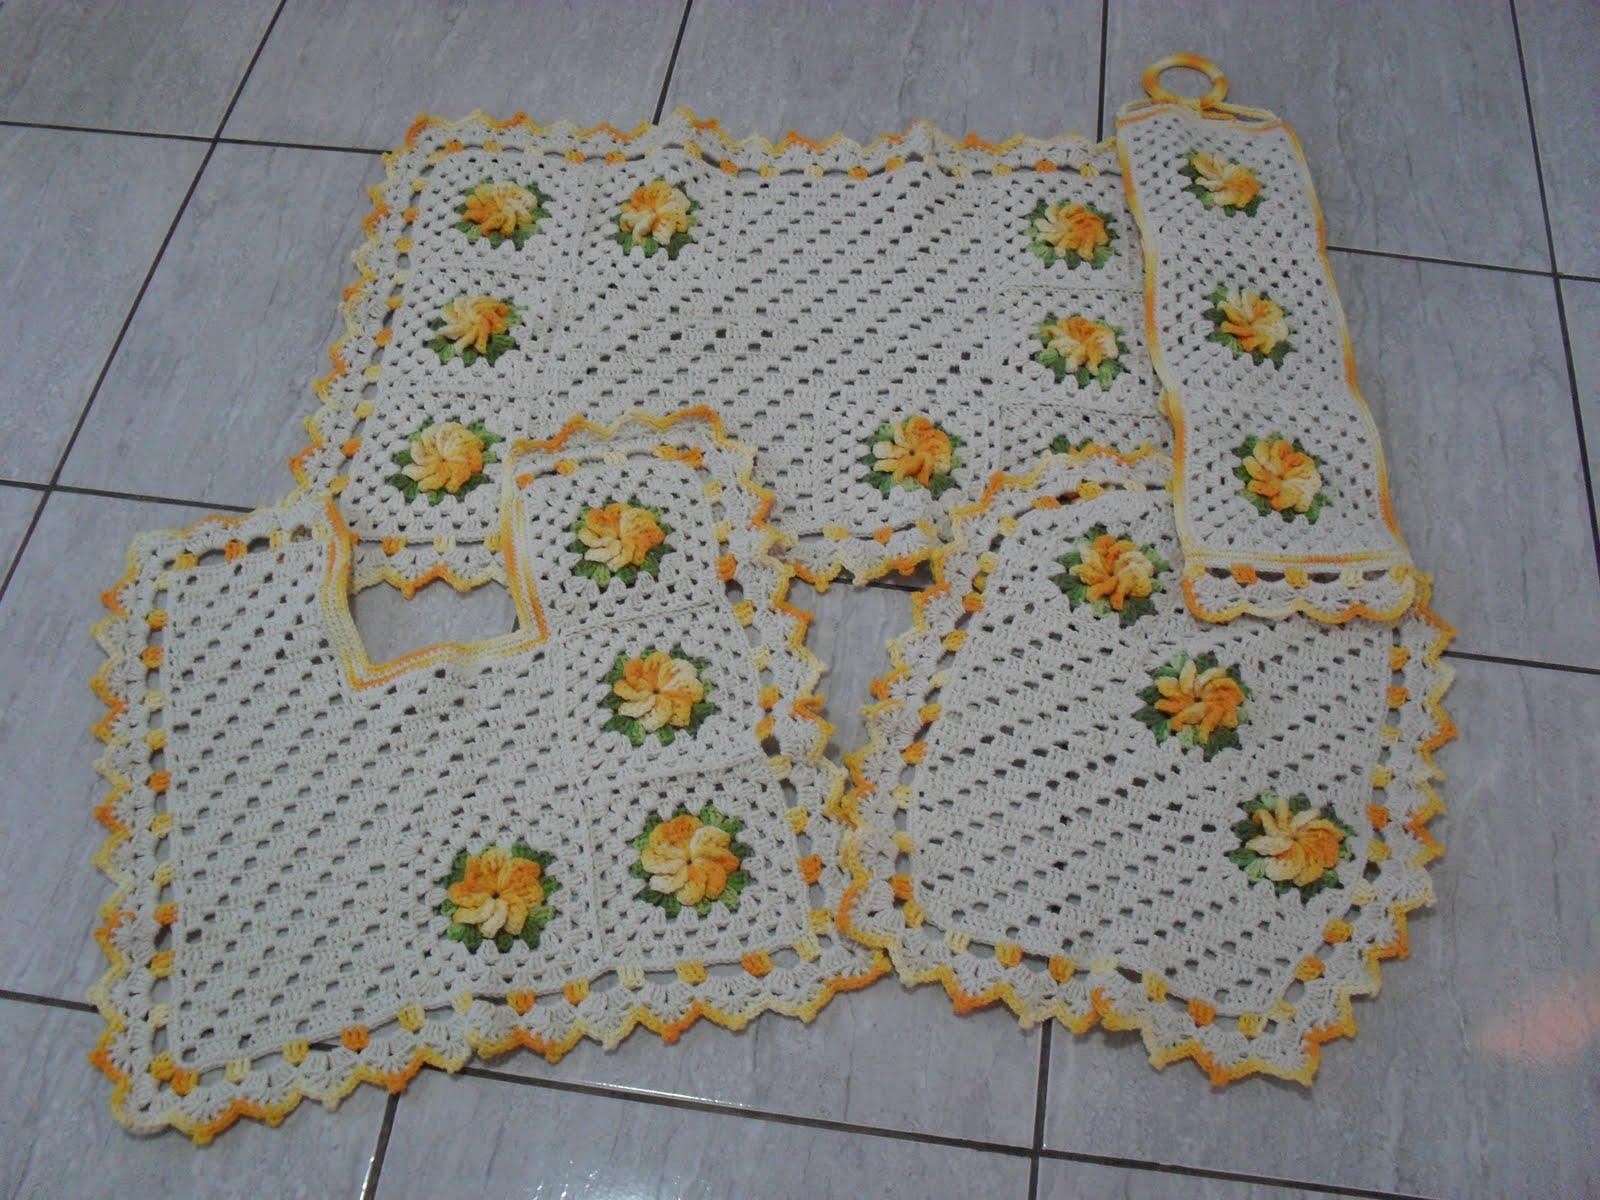 Jogo de banheiro com flores catavento: Crochet com Arte #A06F2B 1600x1200 Amarelo No Banheiro